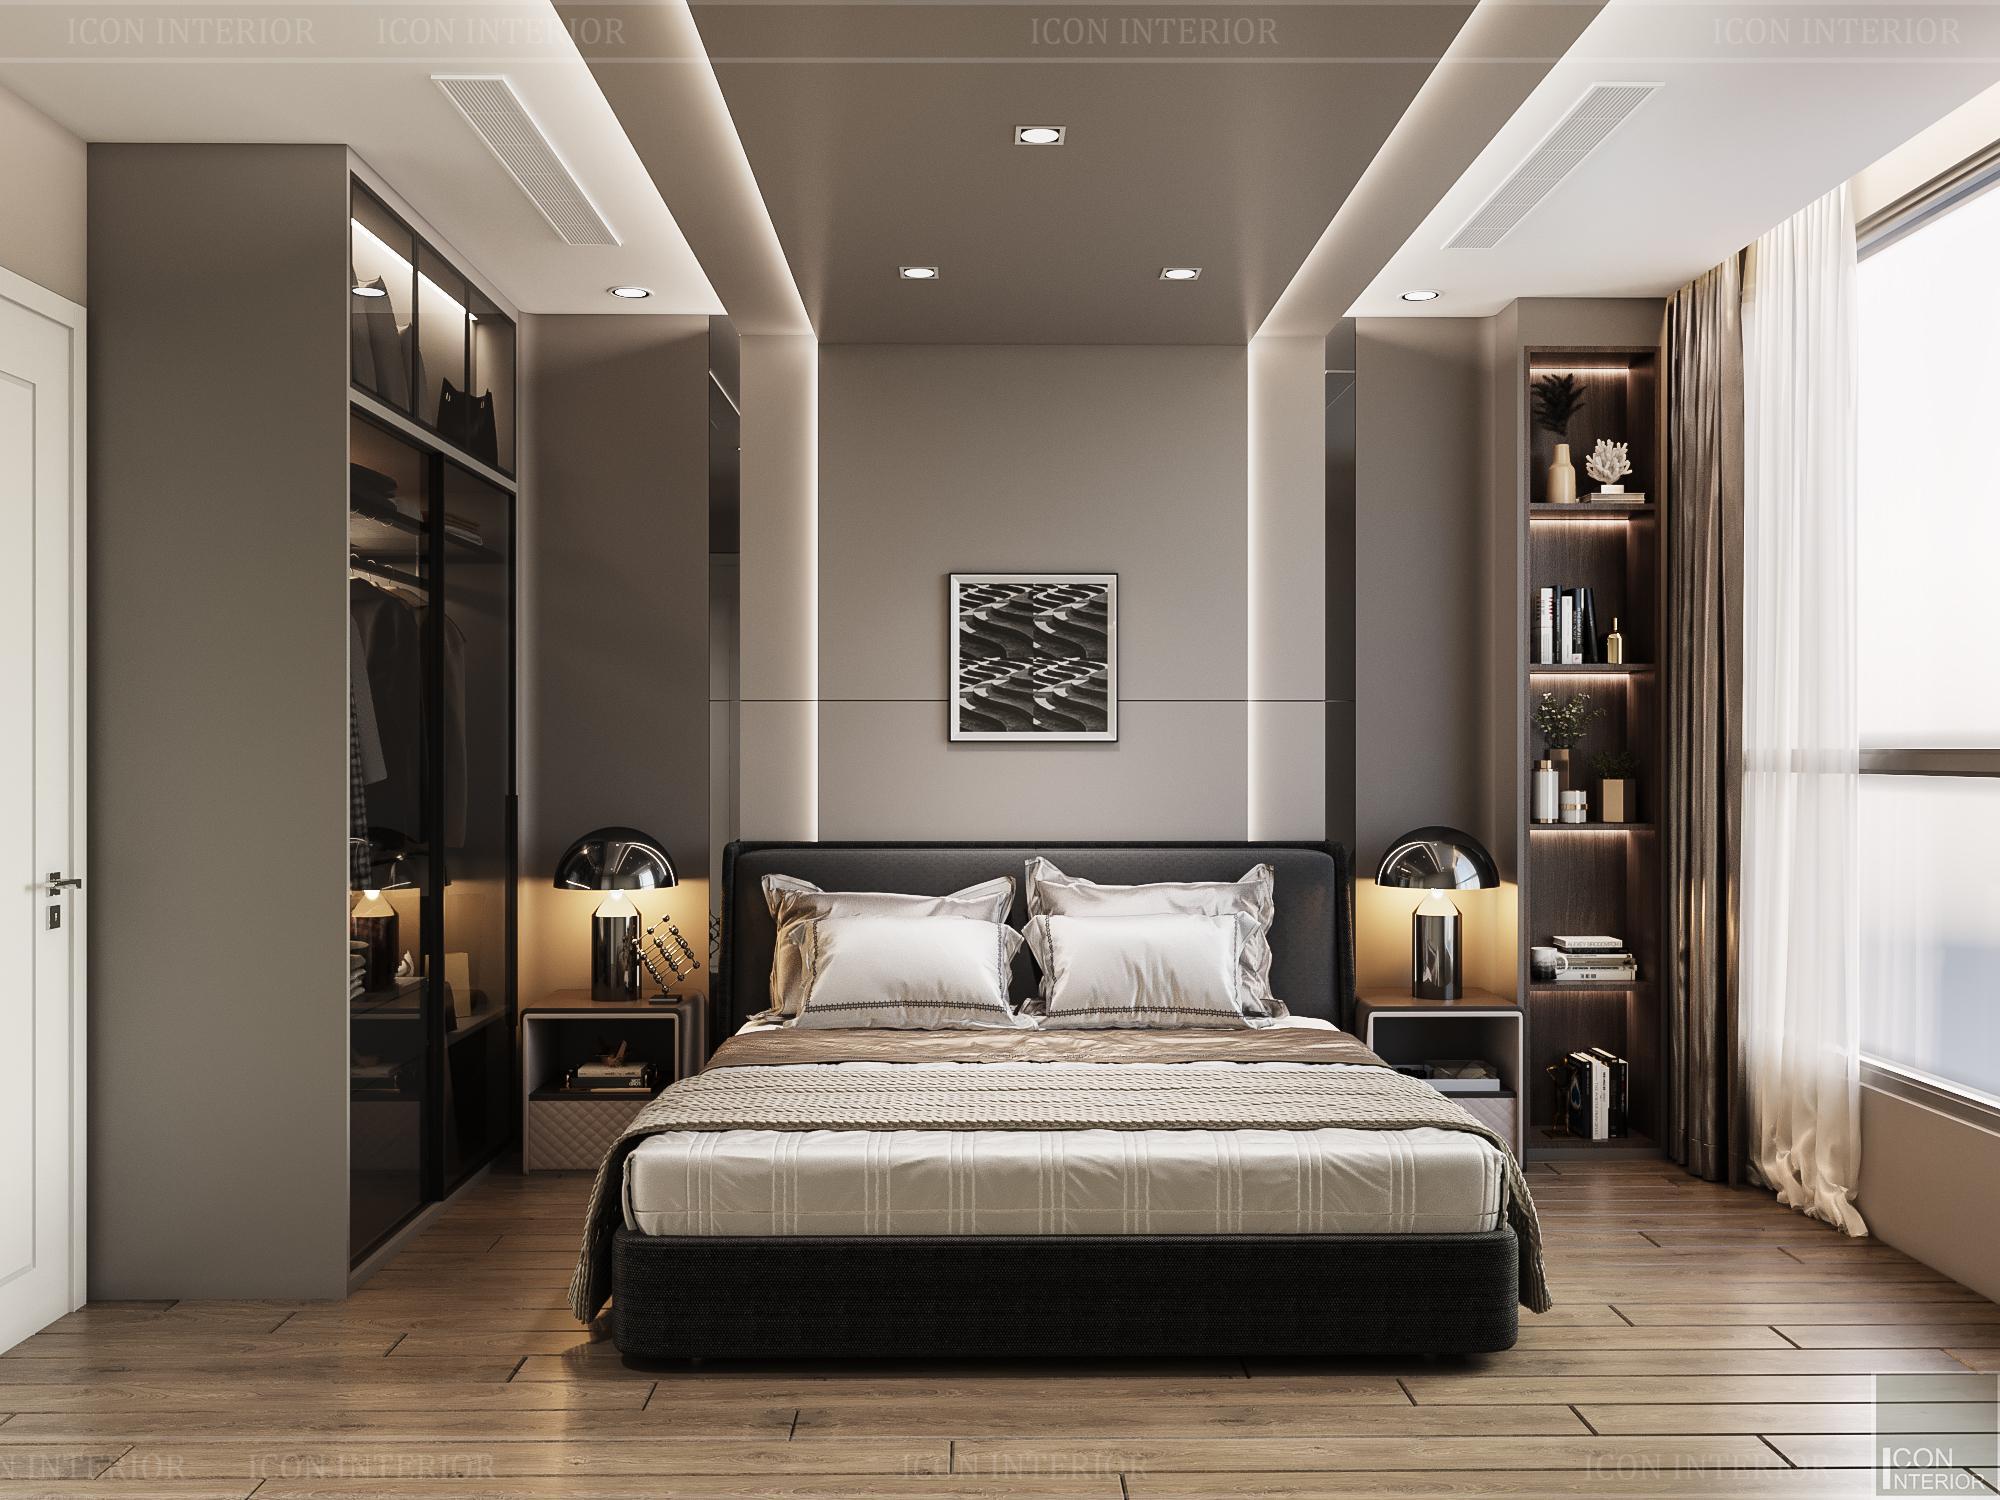 thiết kế căn hộ 3 phòng ngủ hiện đại - phòng ngủ master 2